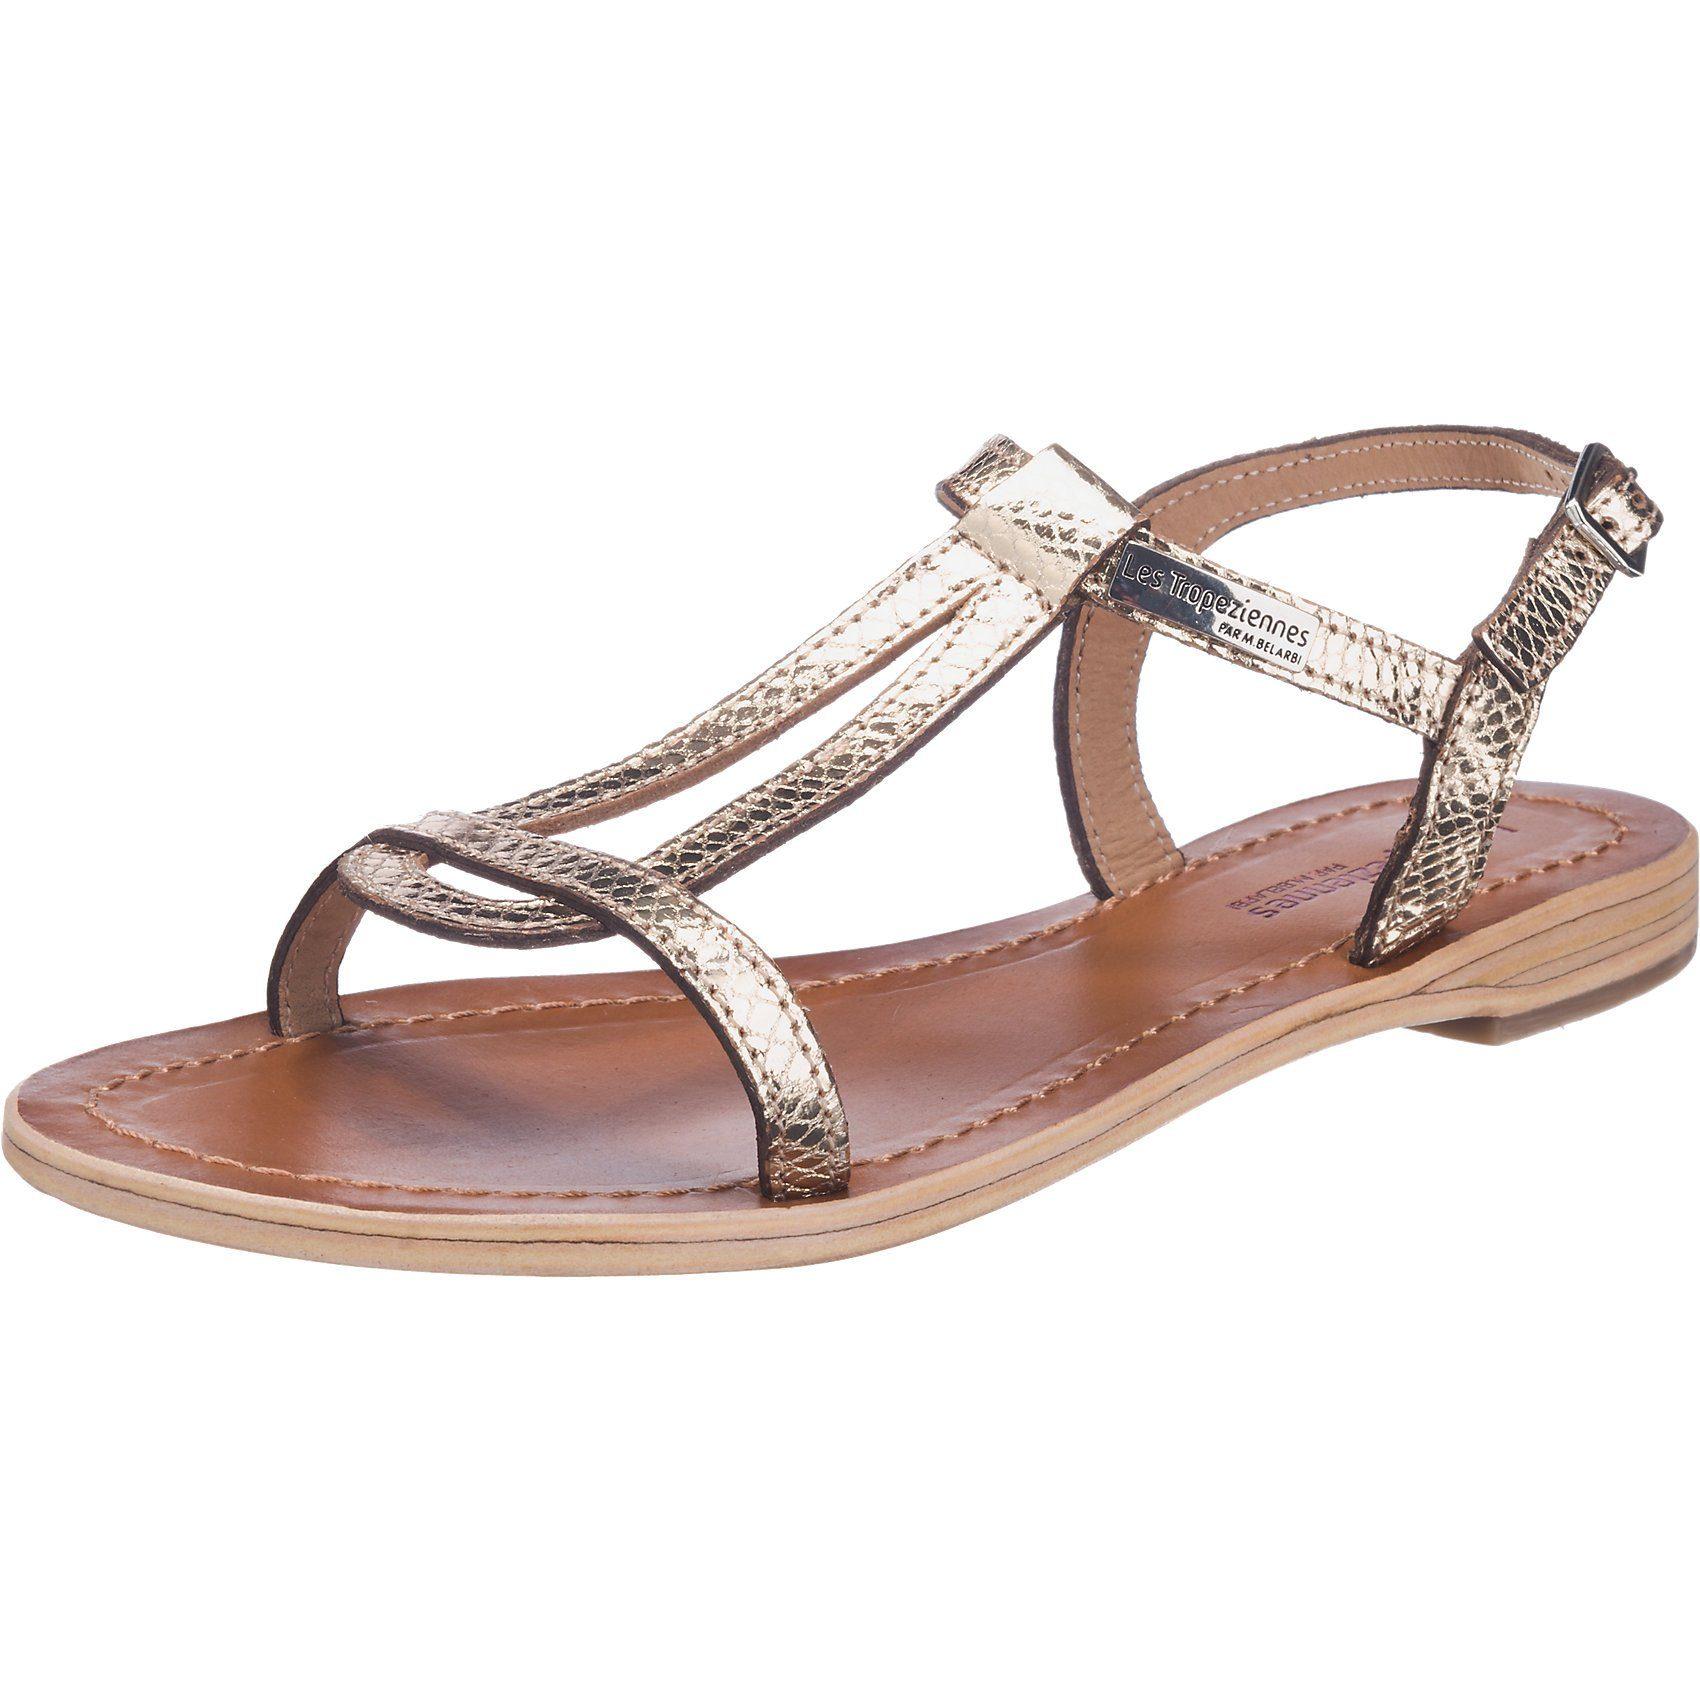 LES TROPEZIENNES Les Tropéziennes Hamat Sandaletten online kaufen  gold